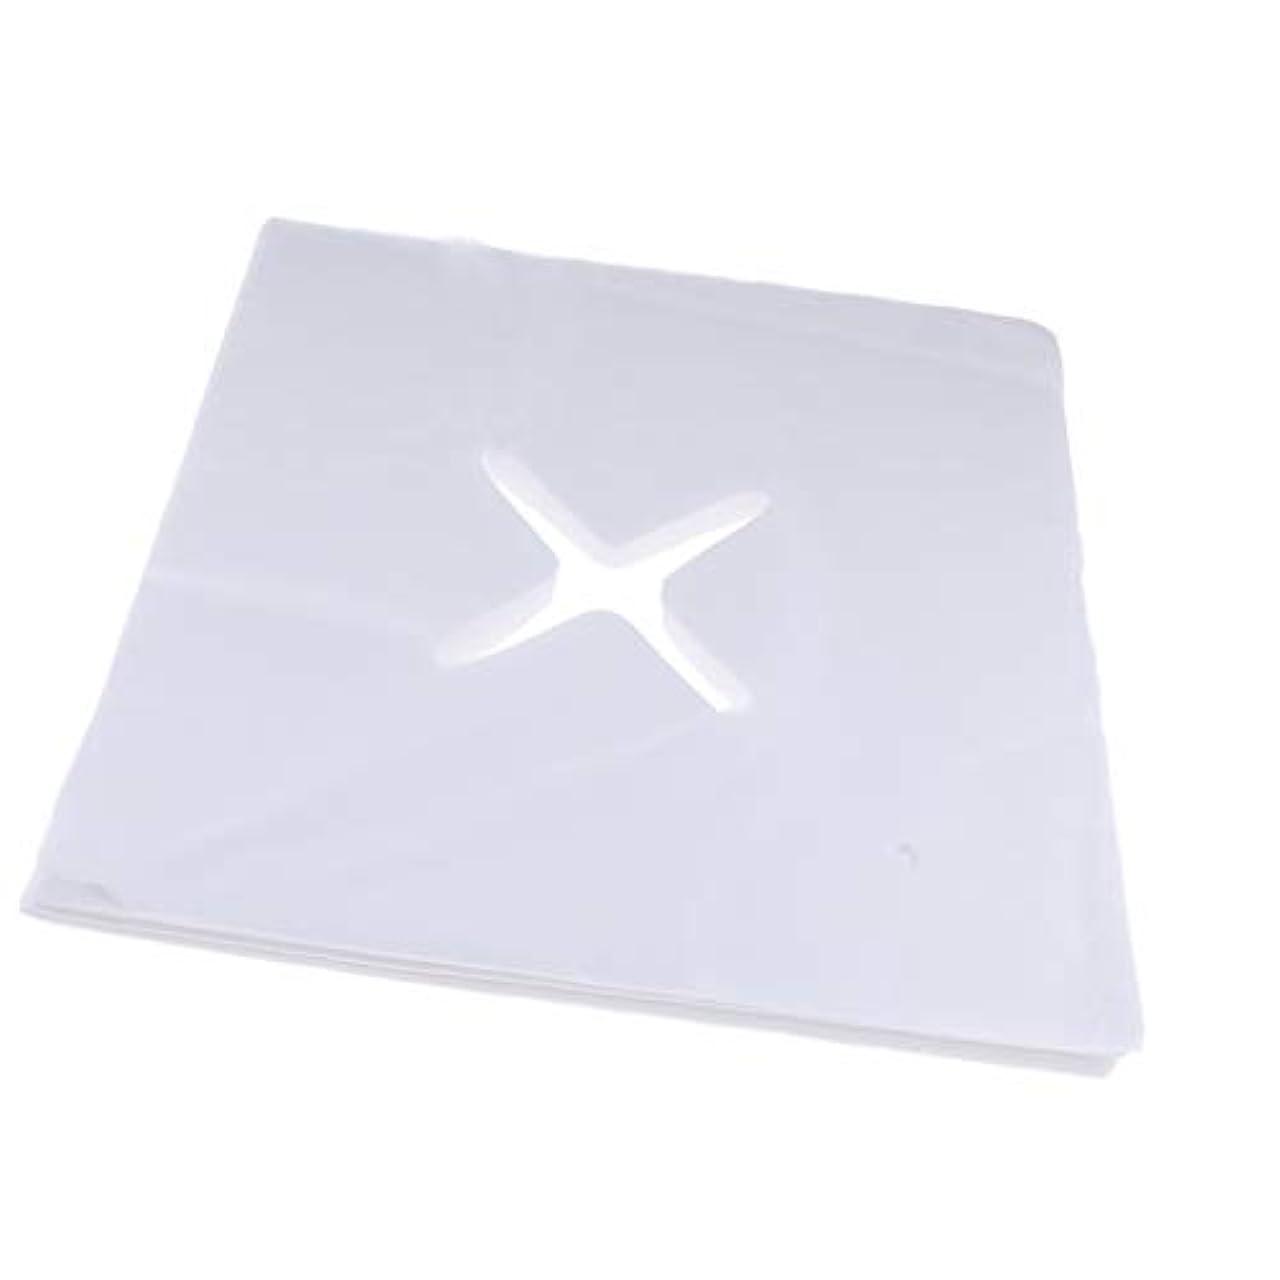 暗記する額いろいろPerfeclan 約200枚 ピローシート 十字カット 使い捨て フェイスカバー 不織布PP クッション S/M - S